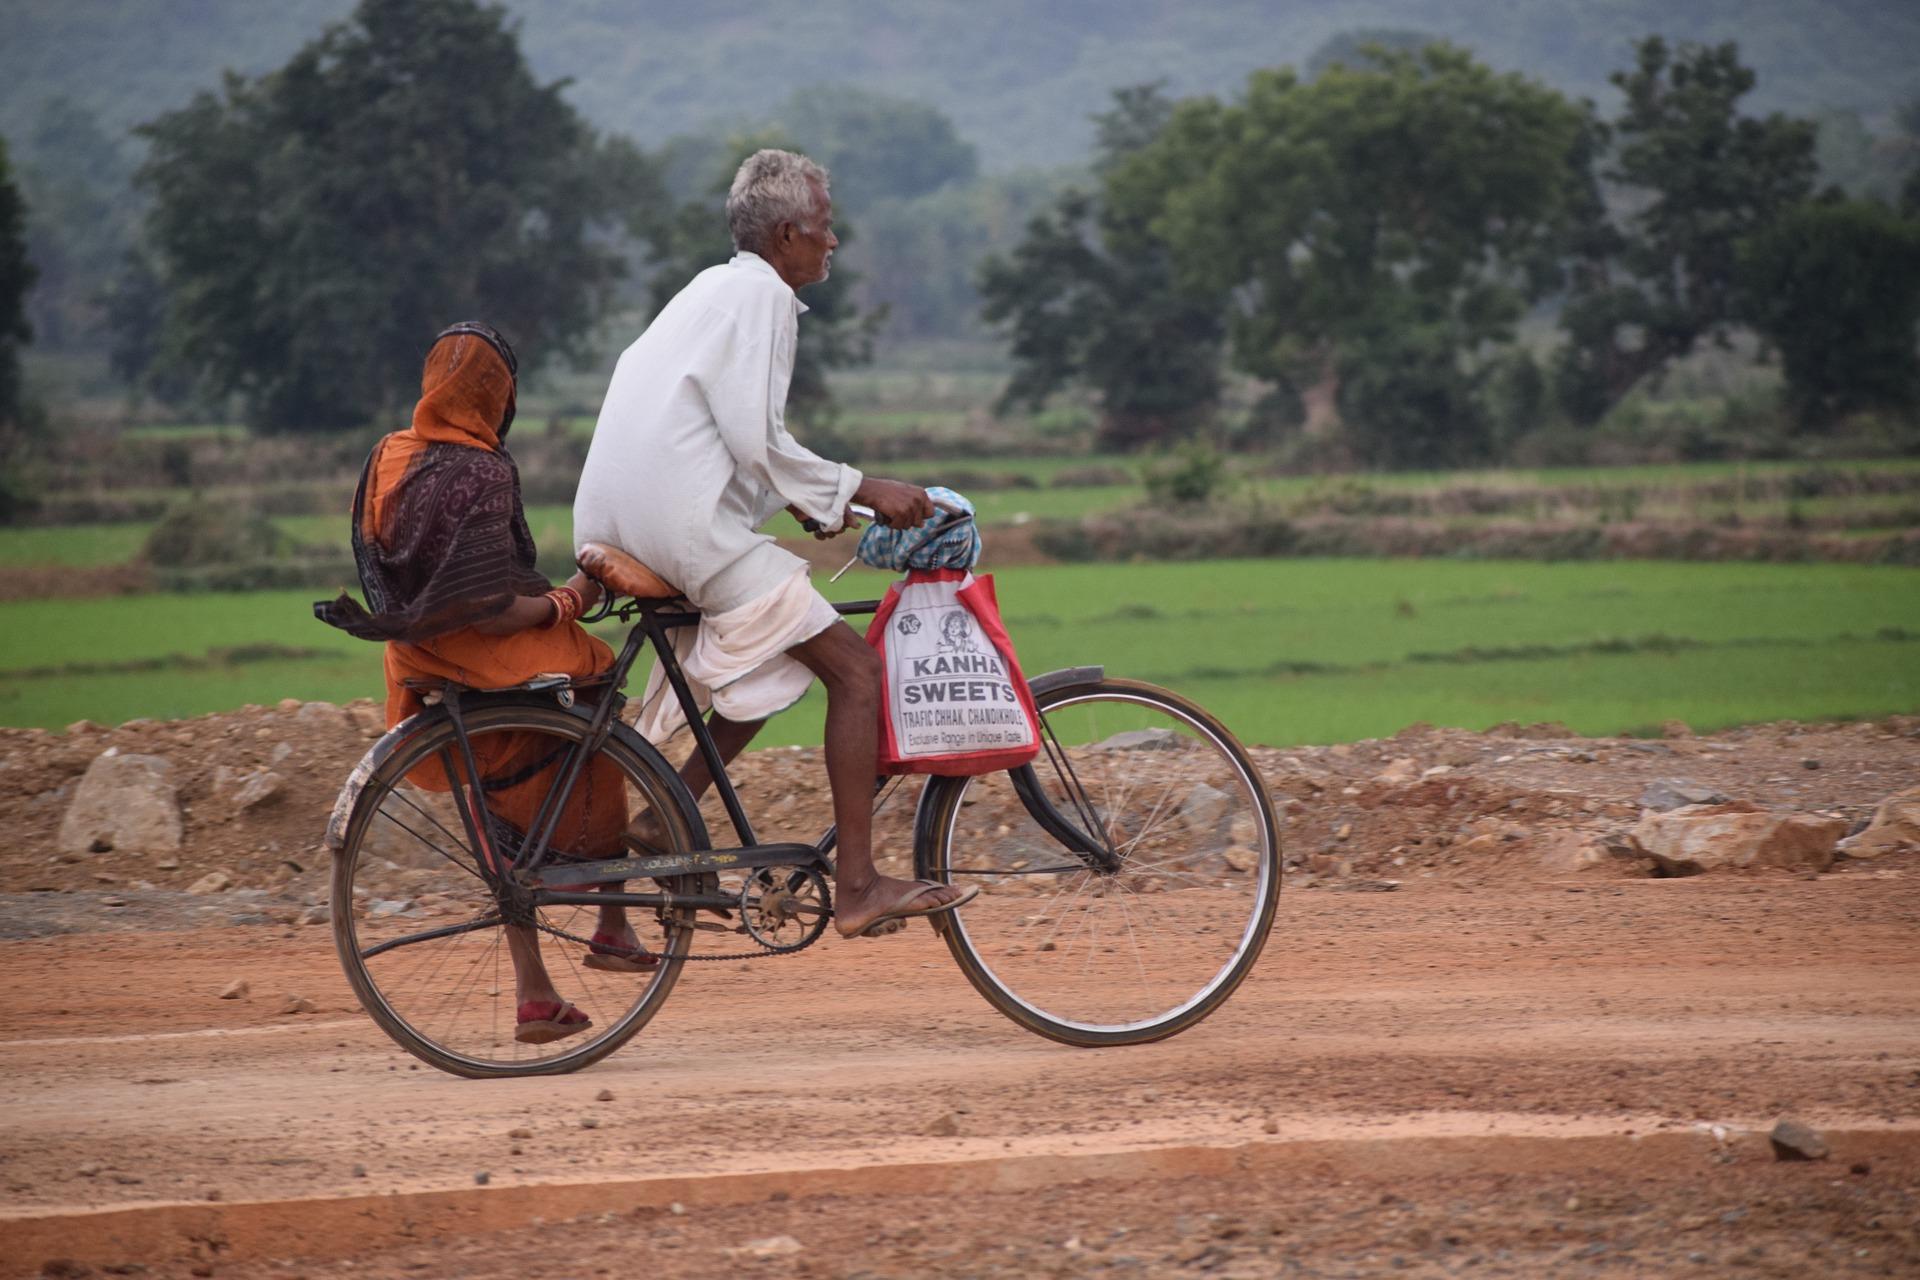 Auf nach Indien! Mit dem richtigen Visum kann die Reise beginnen!